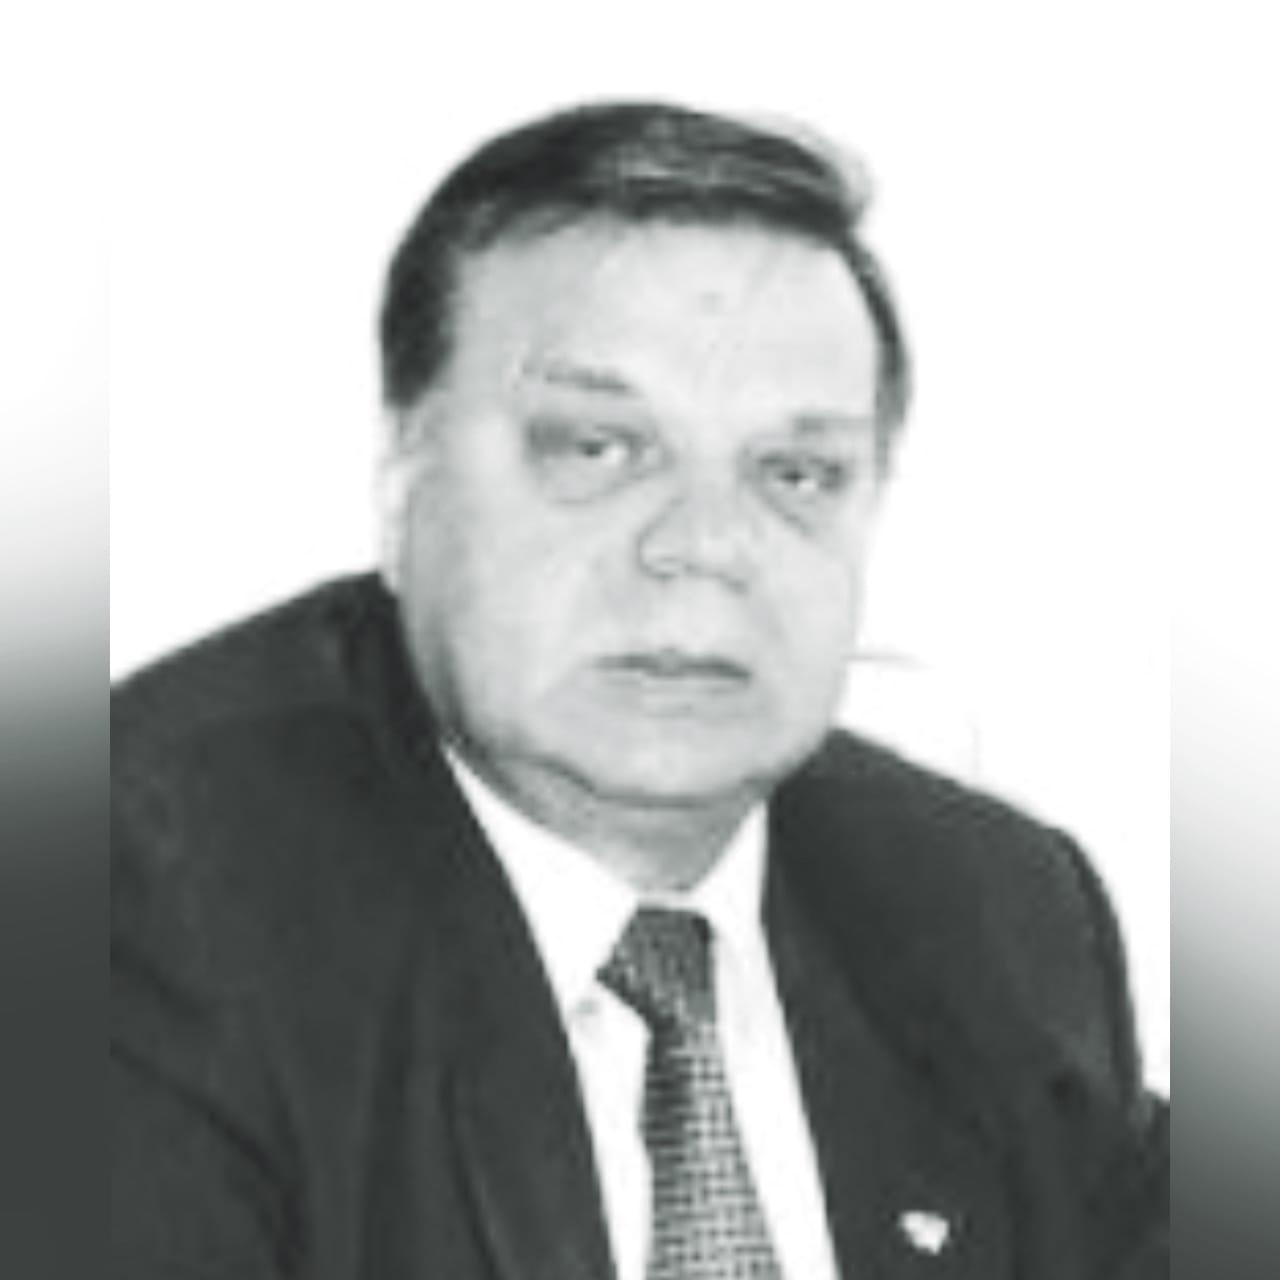 В Смоленске ушел из жизни известный ученый, профессор Владимир Голичев